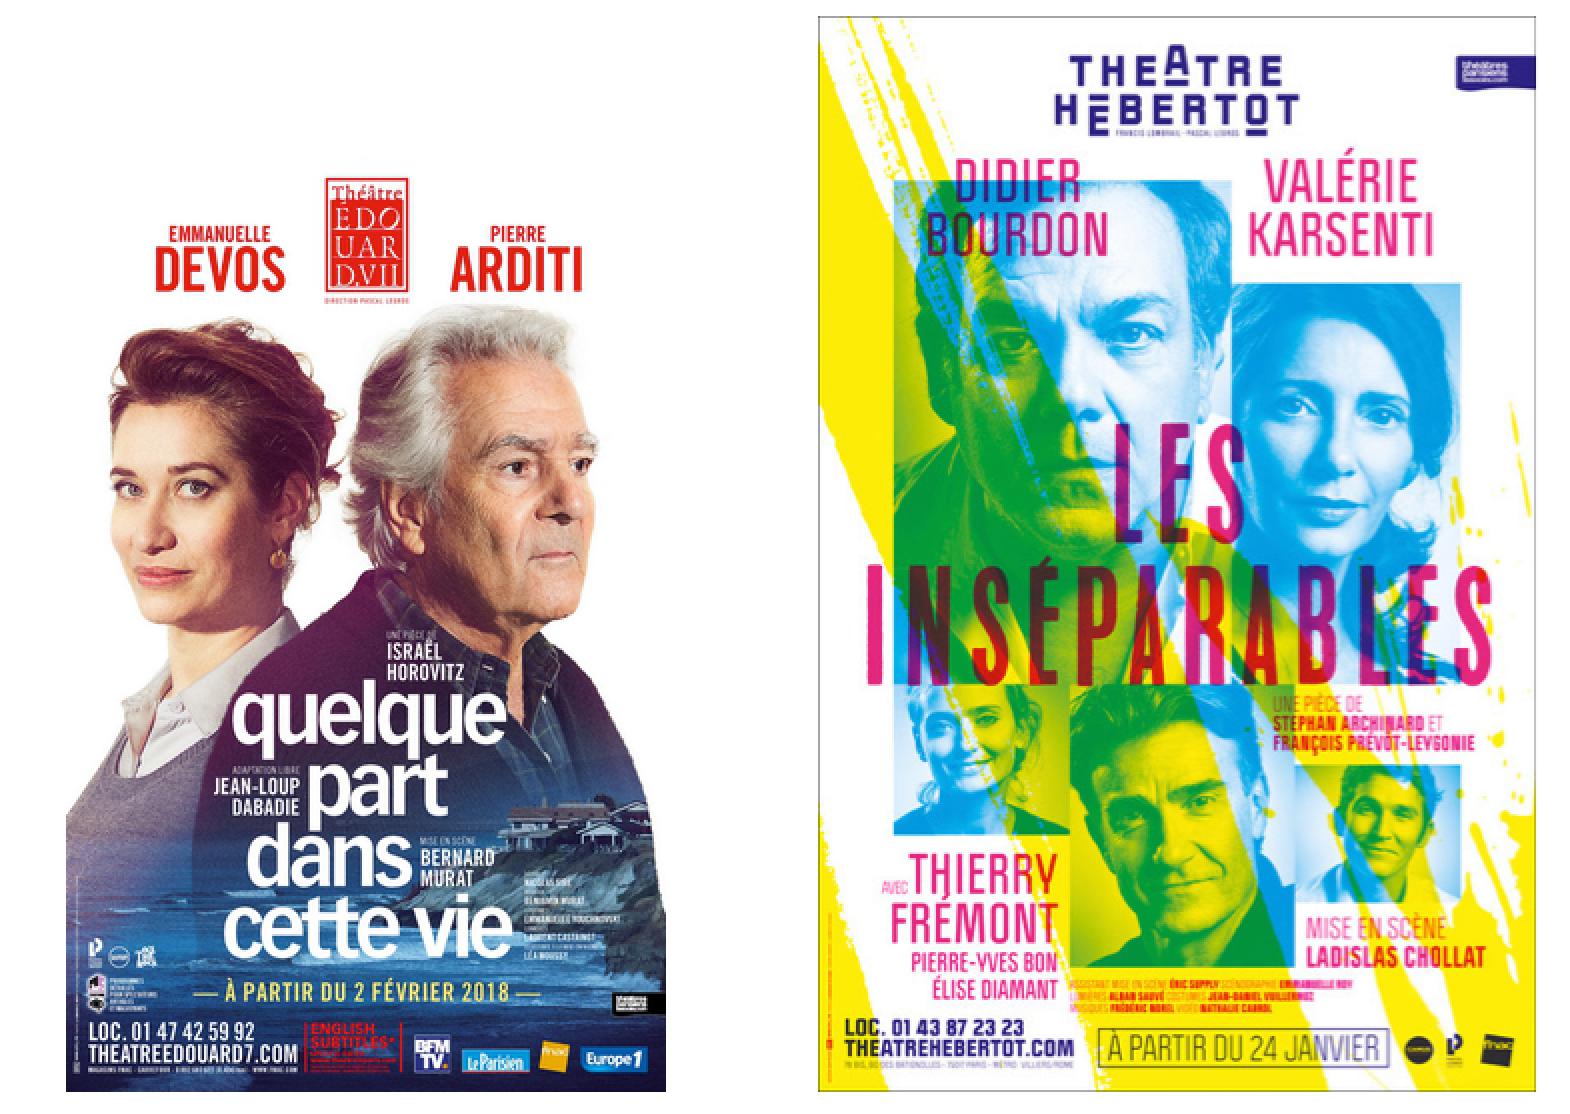 Théâtre Heberto - Théâtre EdouardVII